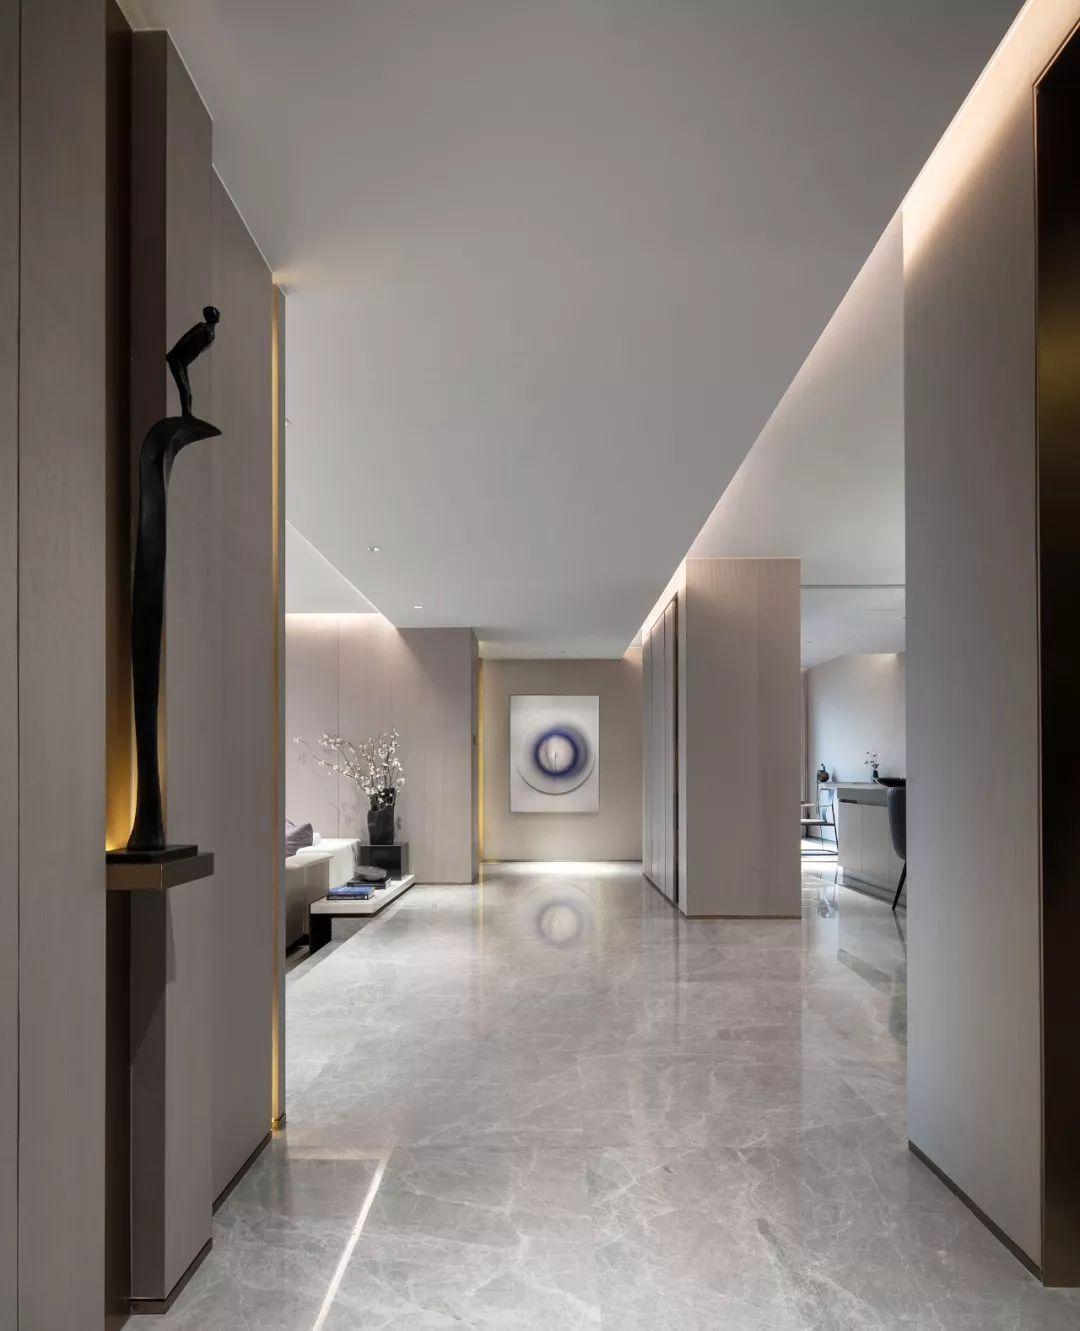 中西交融的当代意境空间——青岛卓越天元样板房 | 周静